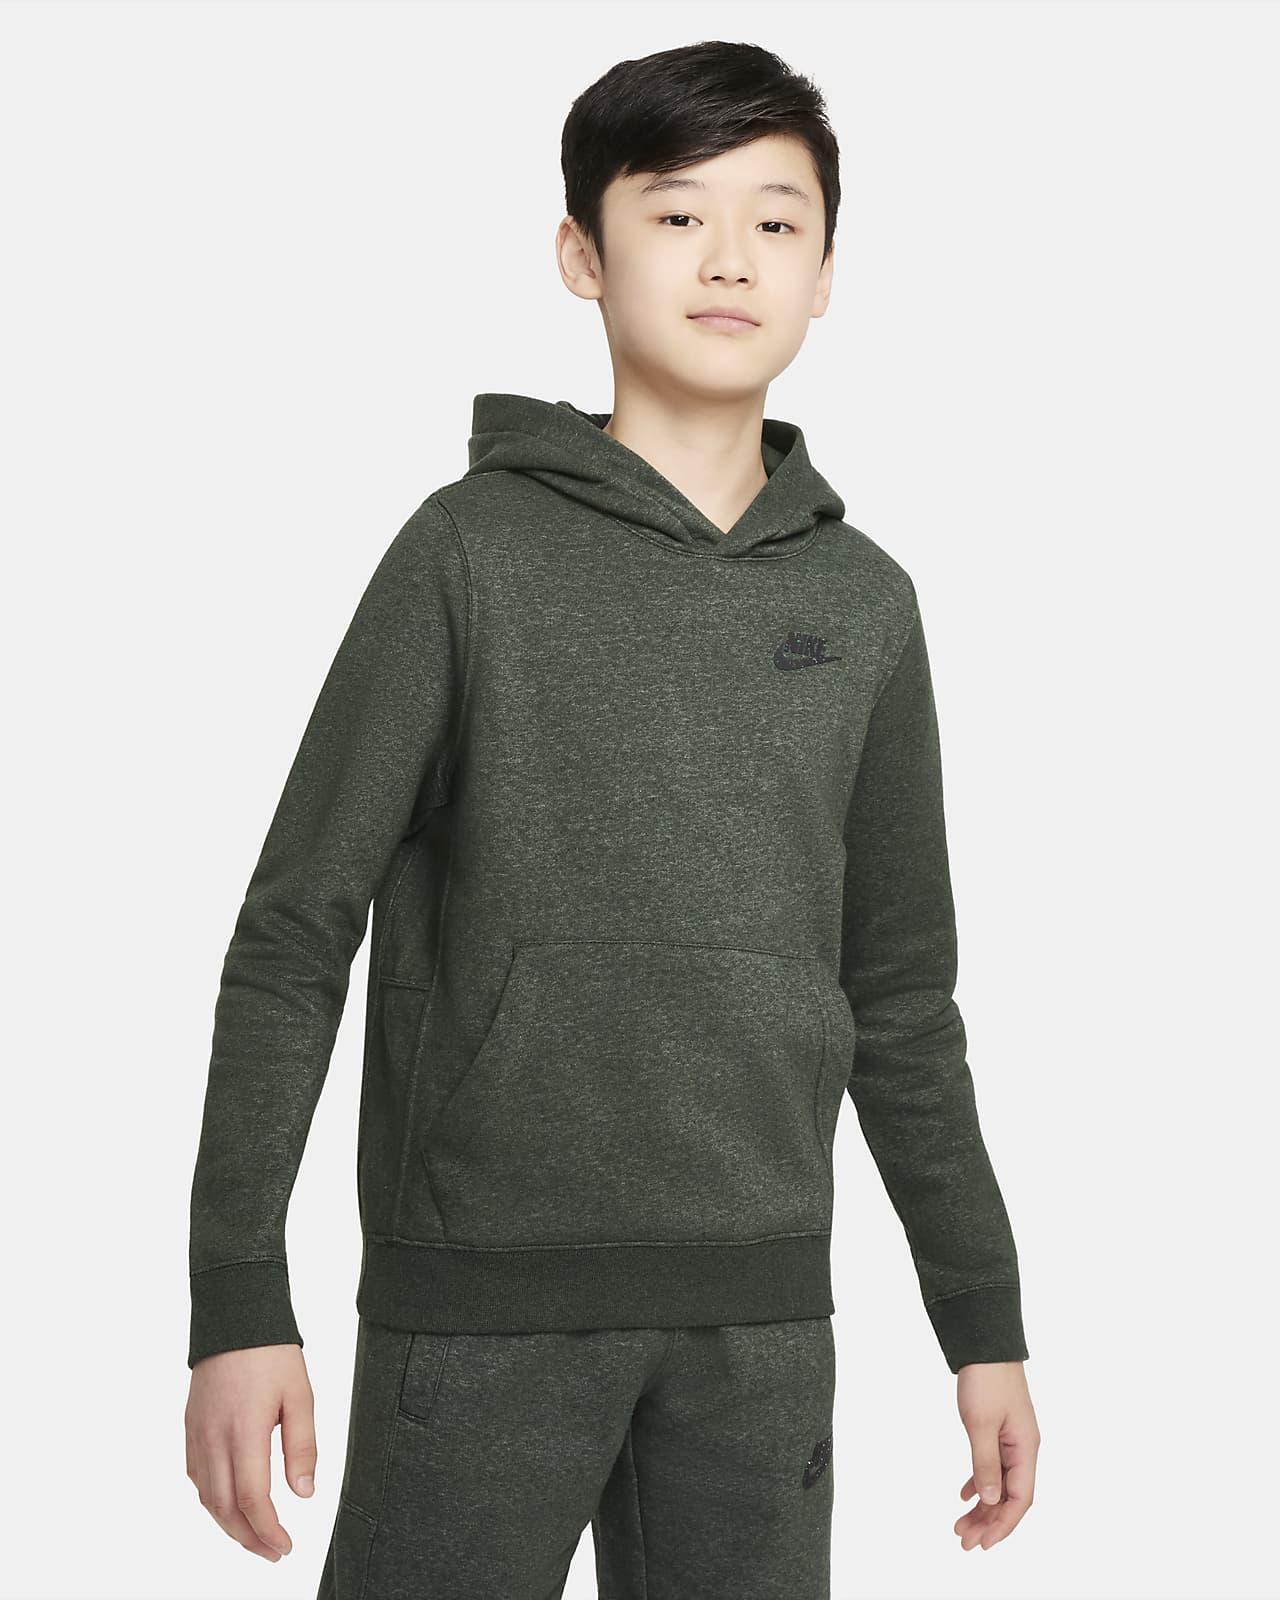 Nike Sportswear Zero Dessuadora amb caputxa - Nen/a